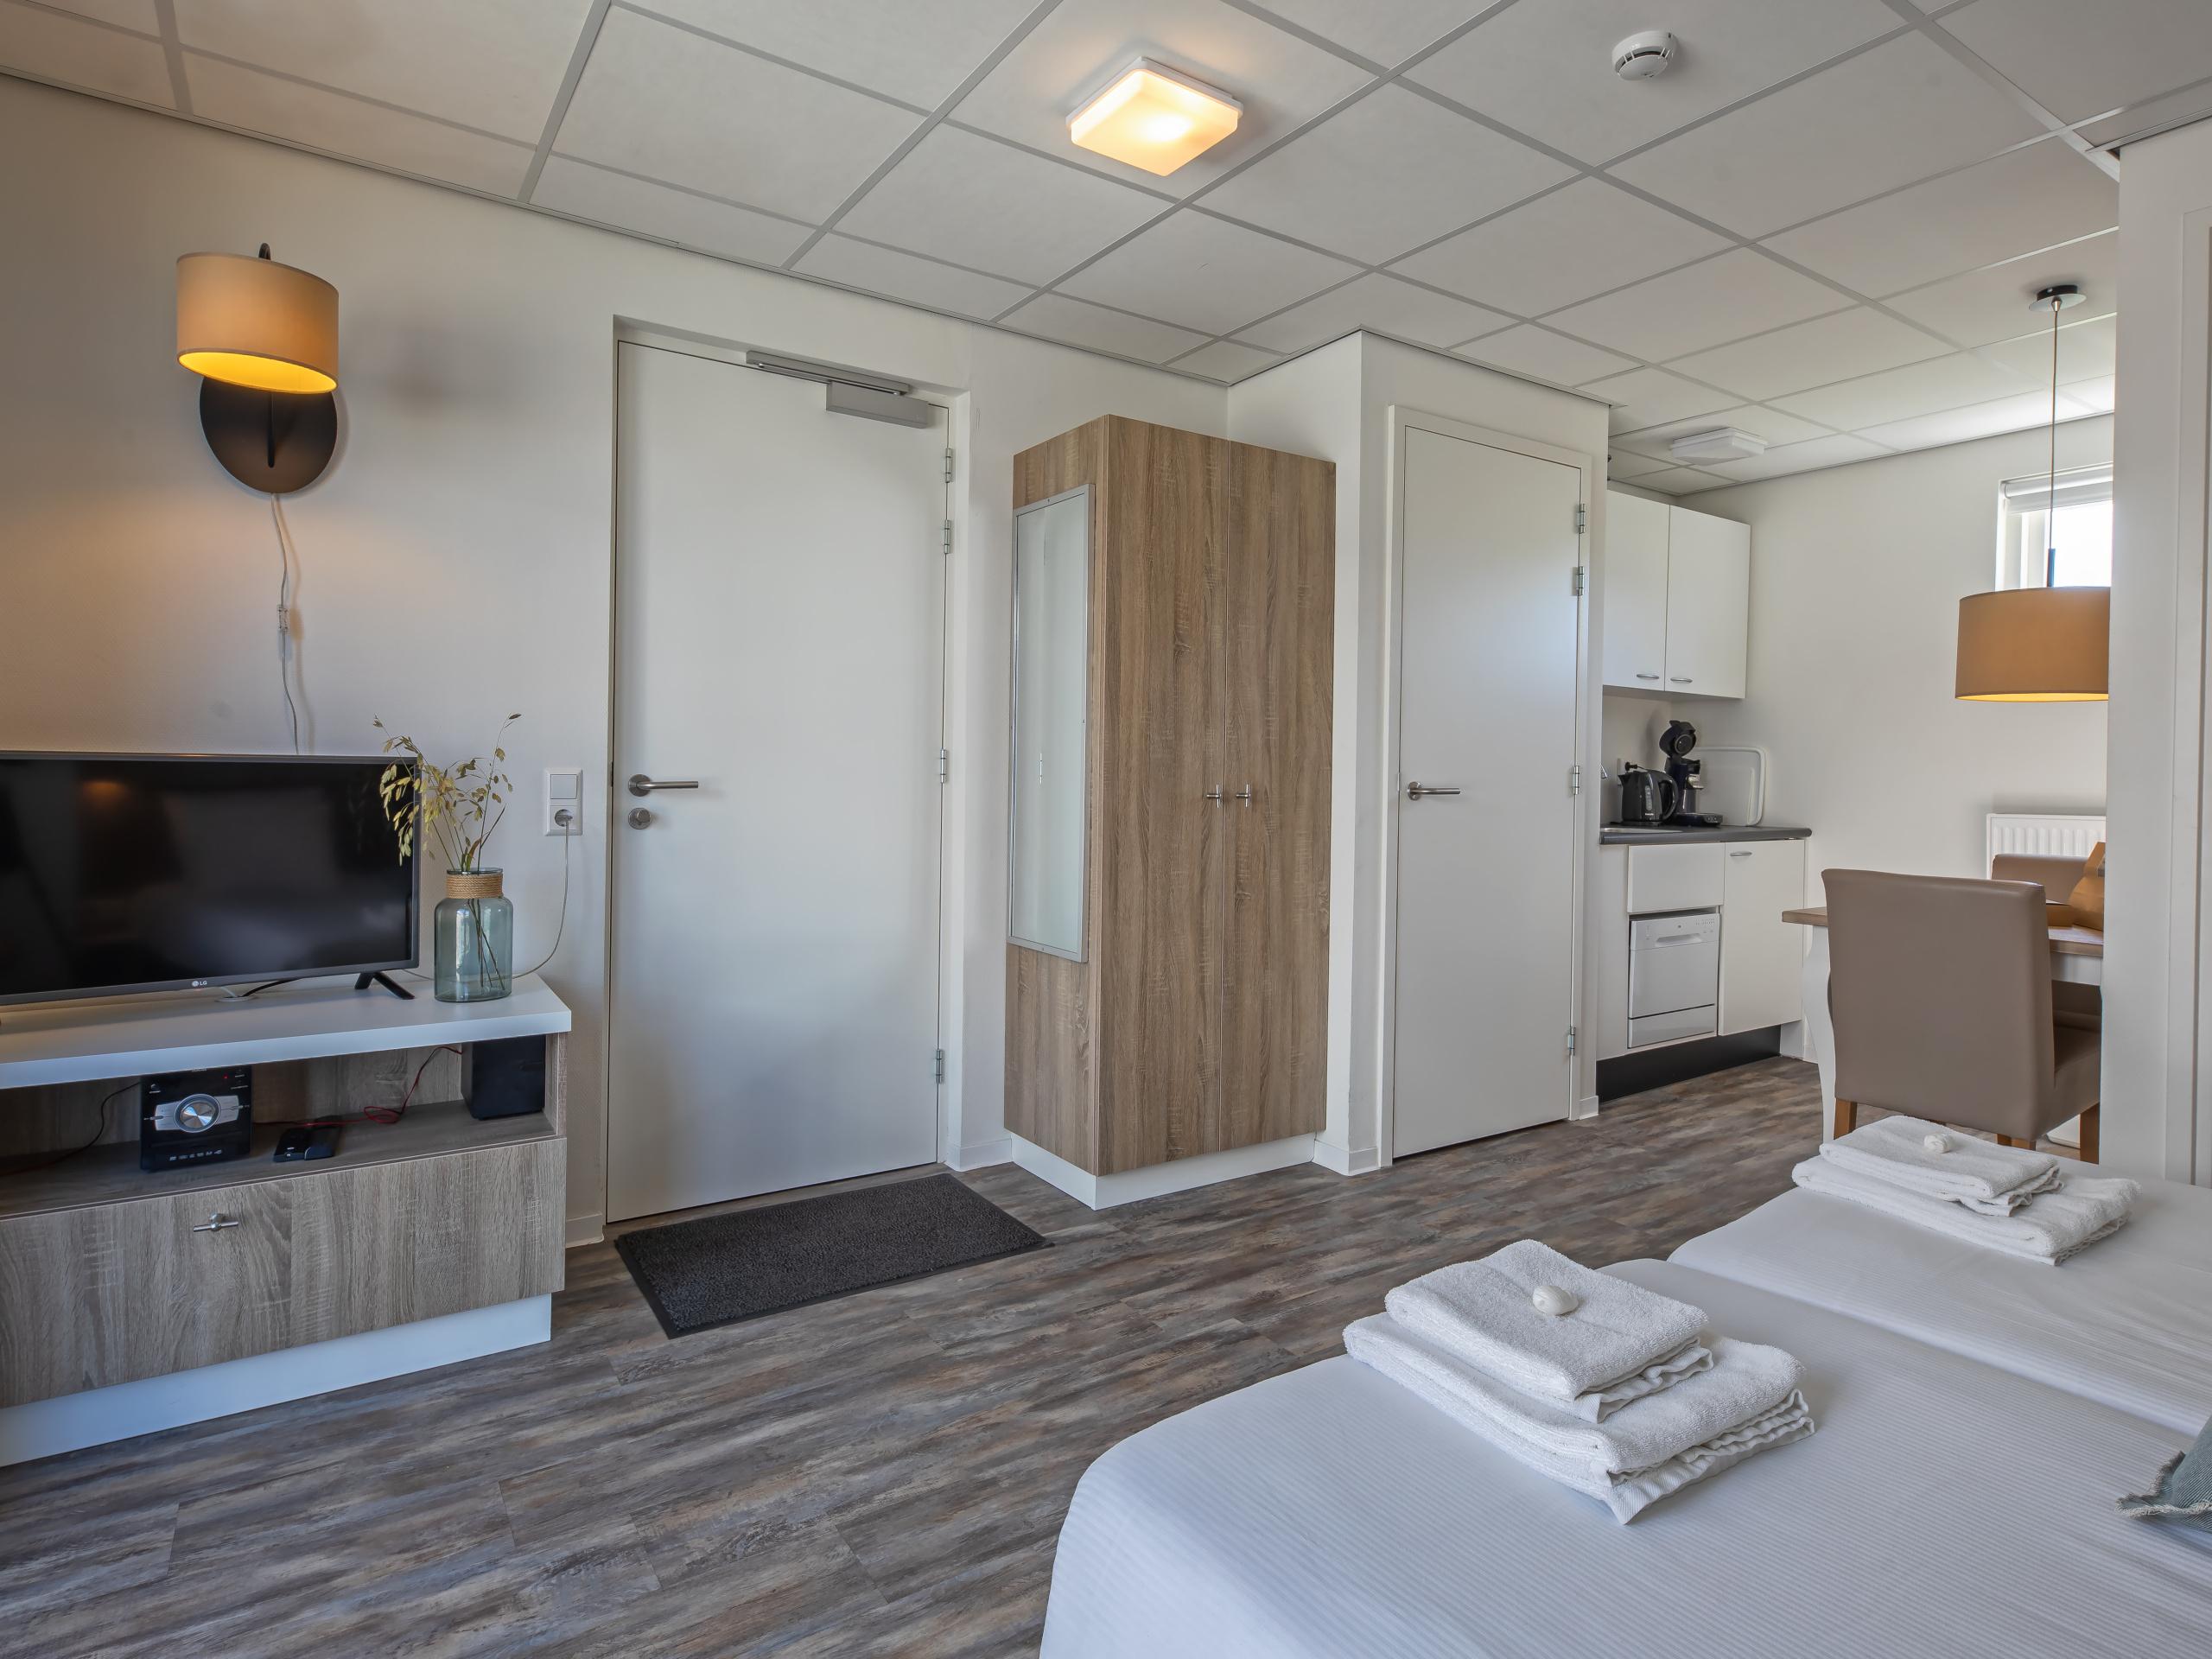 Fijne suite in complex op loopaftand van het strand in De Koog